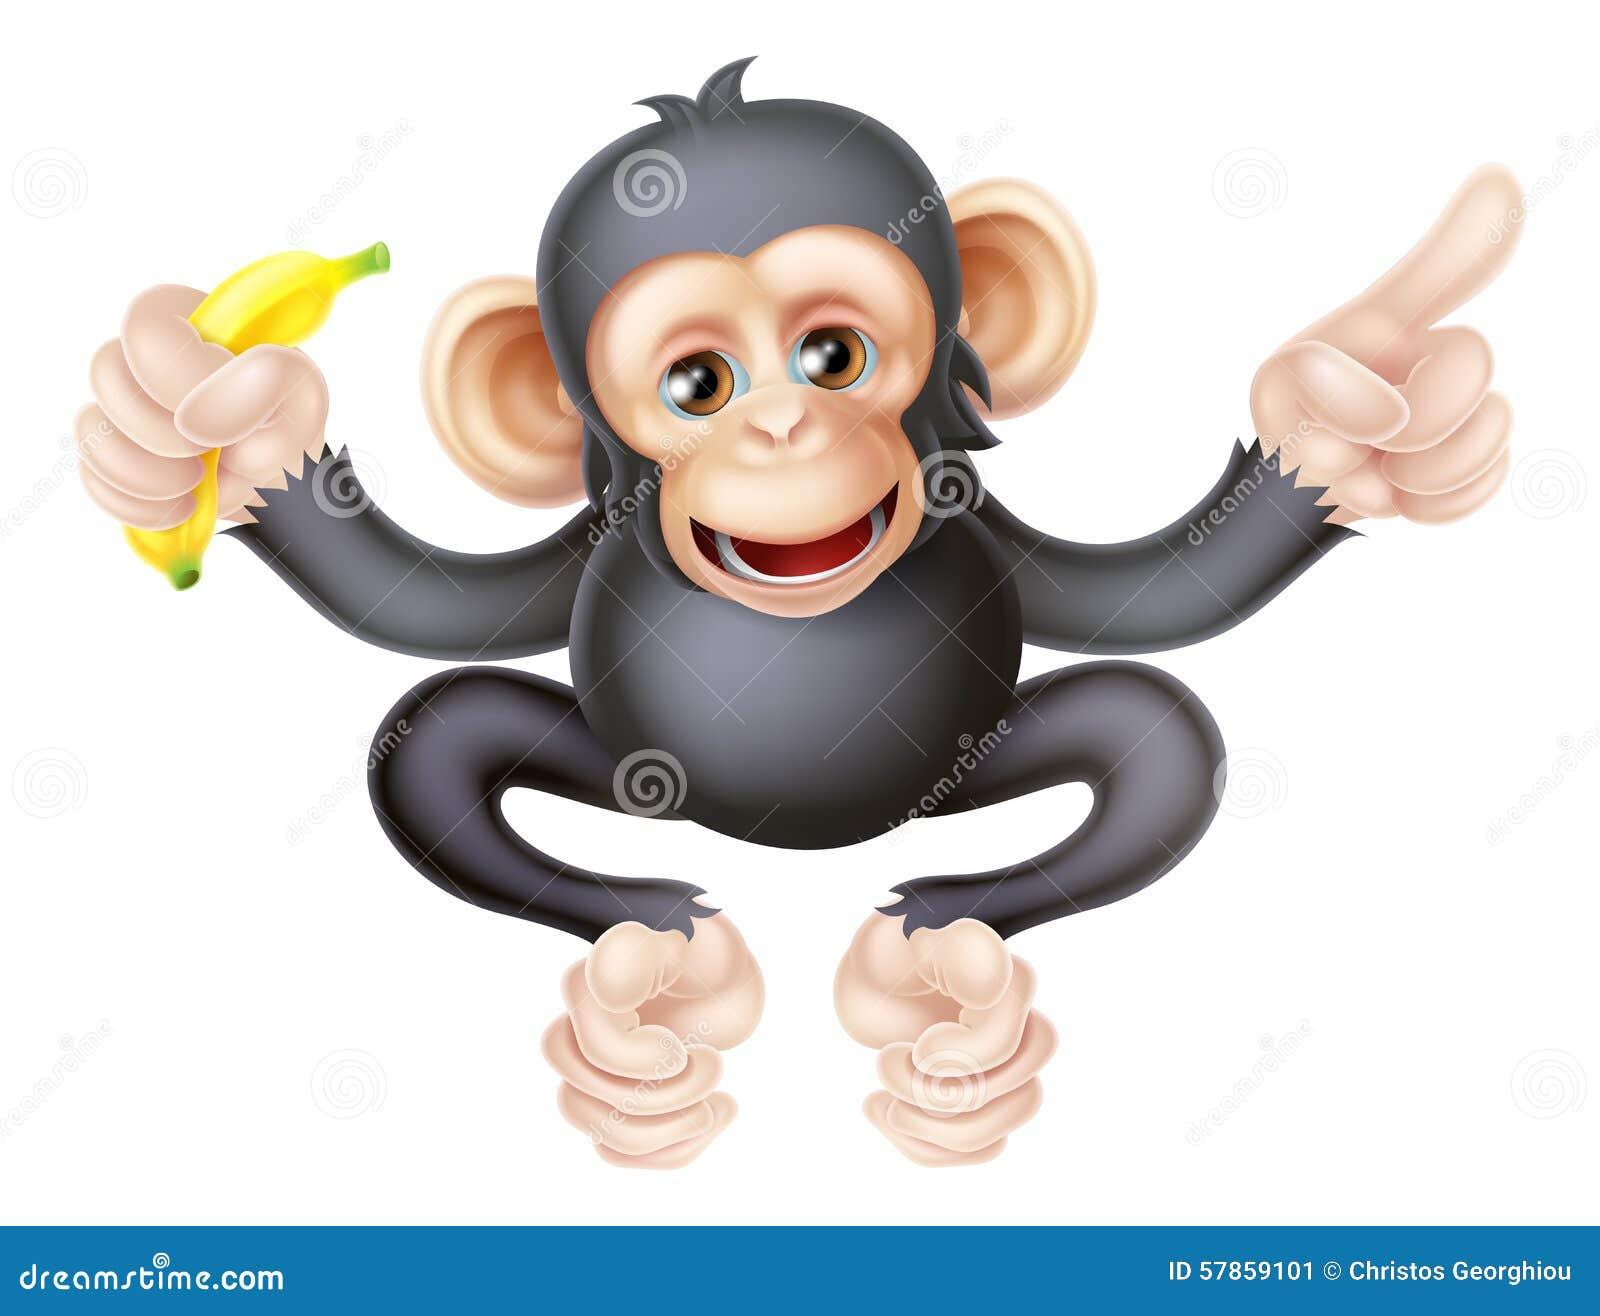 how to eat a banana like a monkey